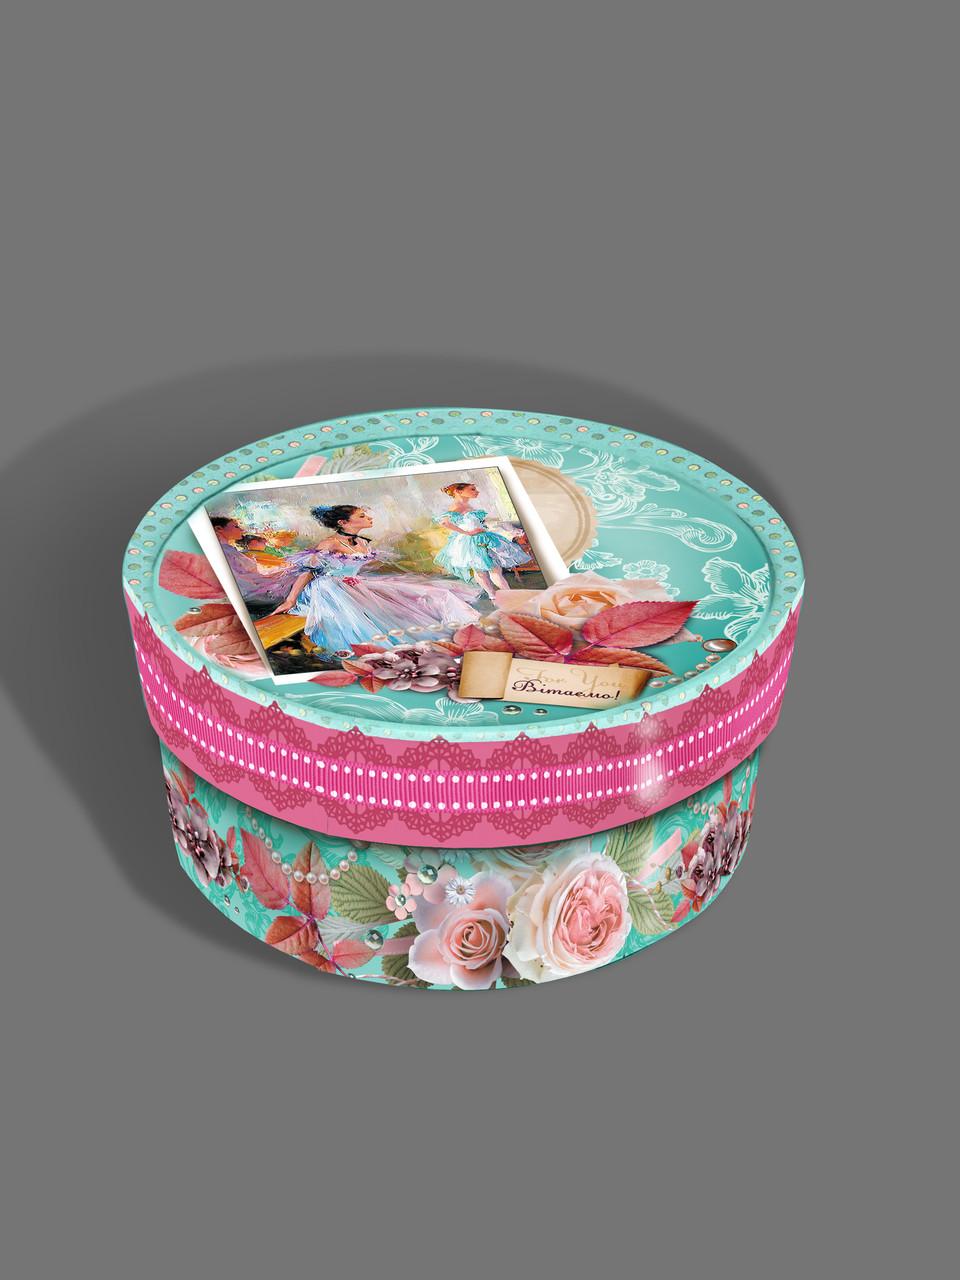 Подарочная картонная коробка 152*80 мм Тубус 600 грамм